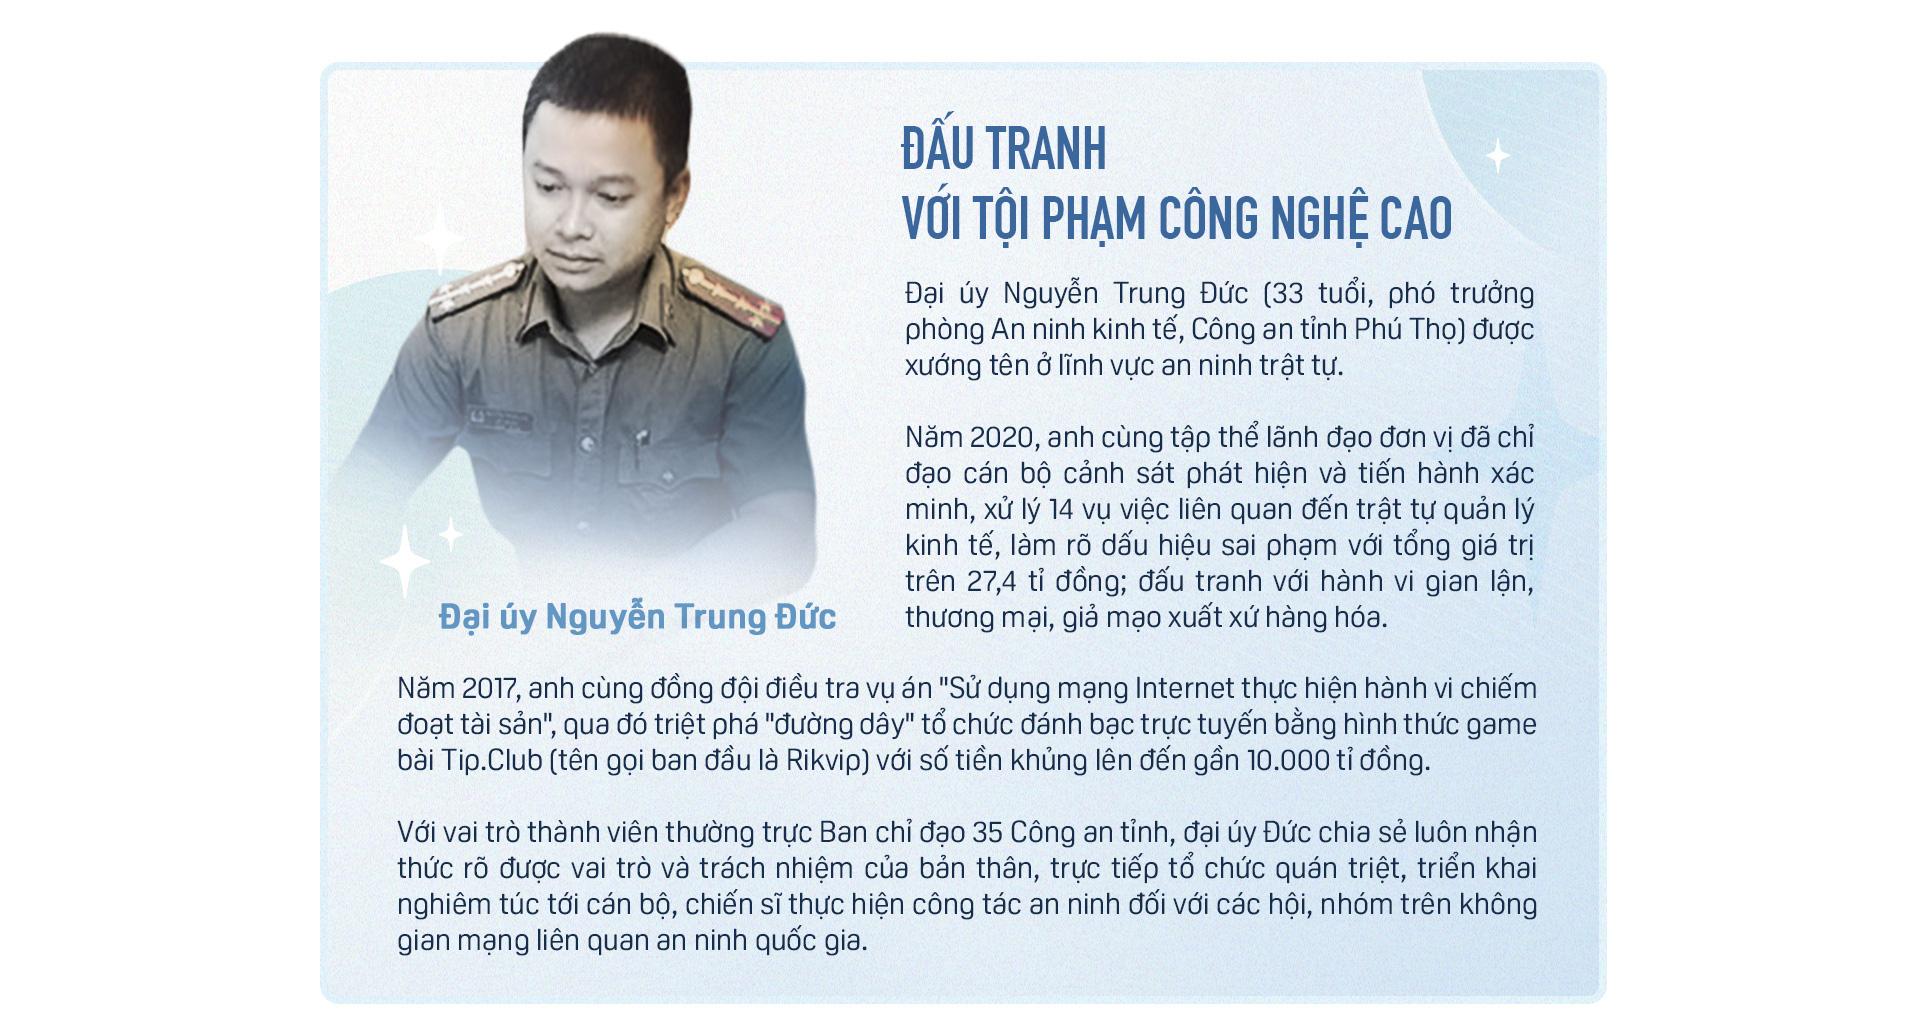 Tự hào xướng tên Việt Nam trên đấu trường quốc tế - Ảnh 17.